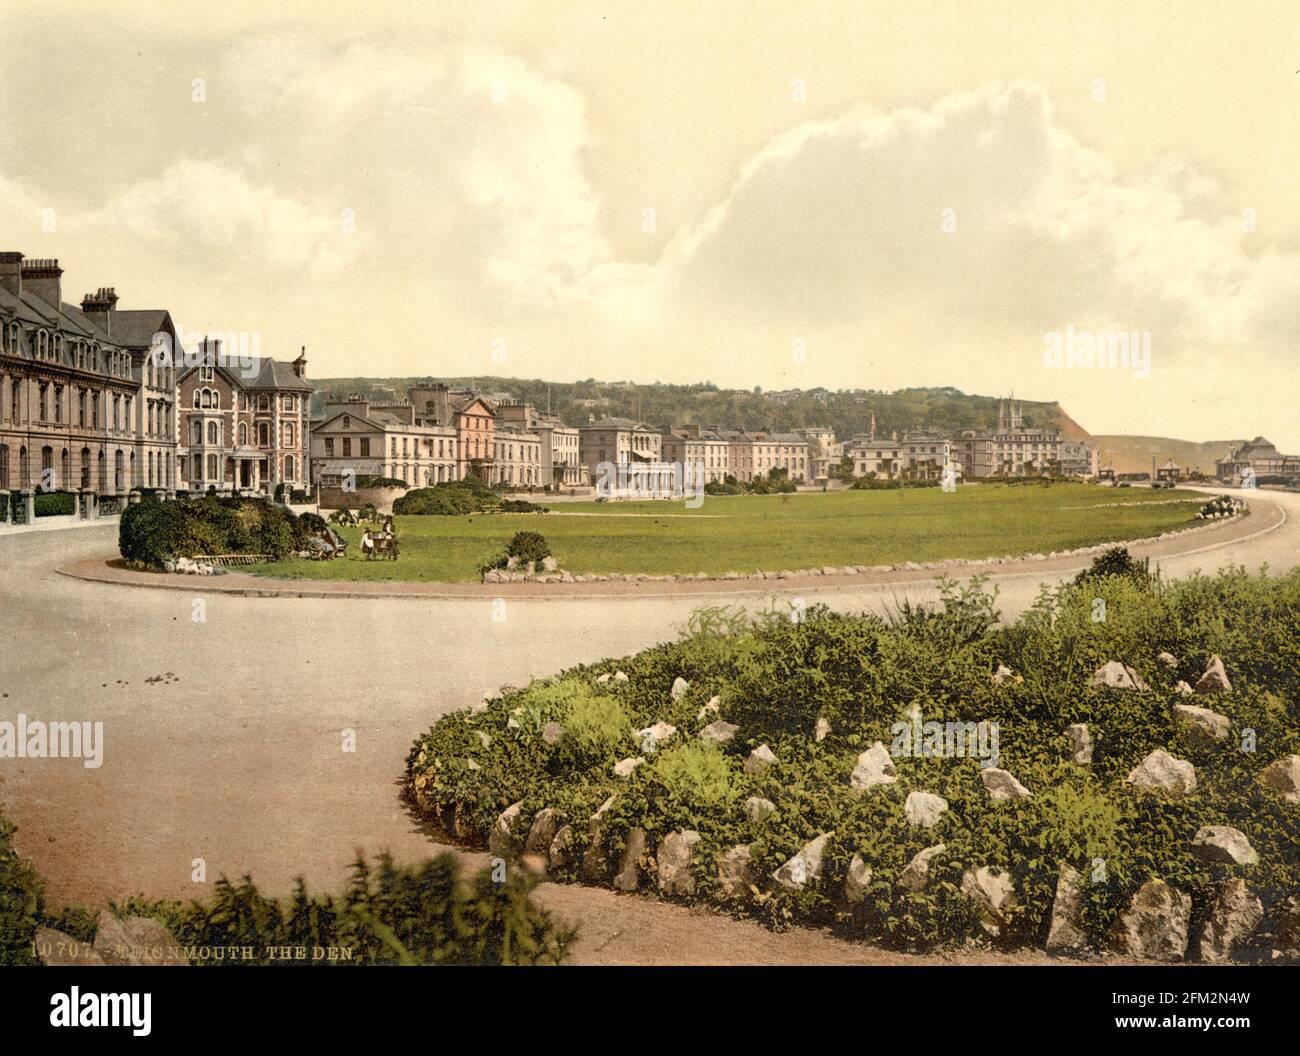 Le Den au front de mer de Teignmouth, Devon vers 1890-1900 Banque D'Images